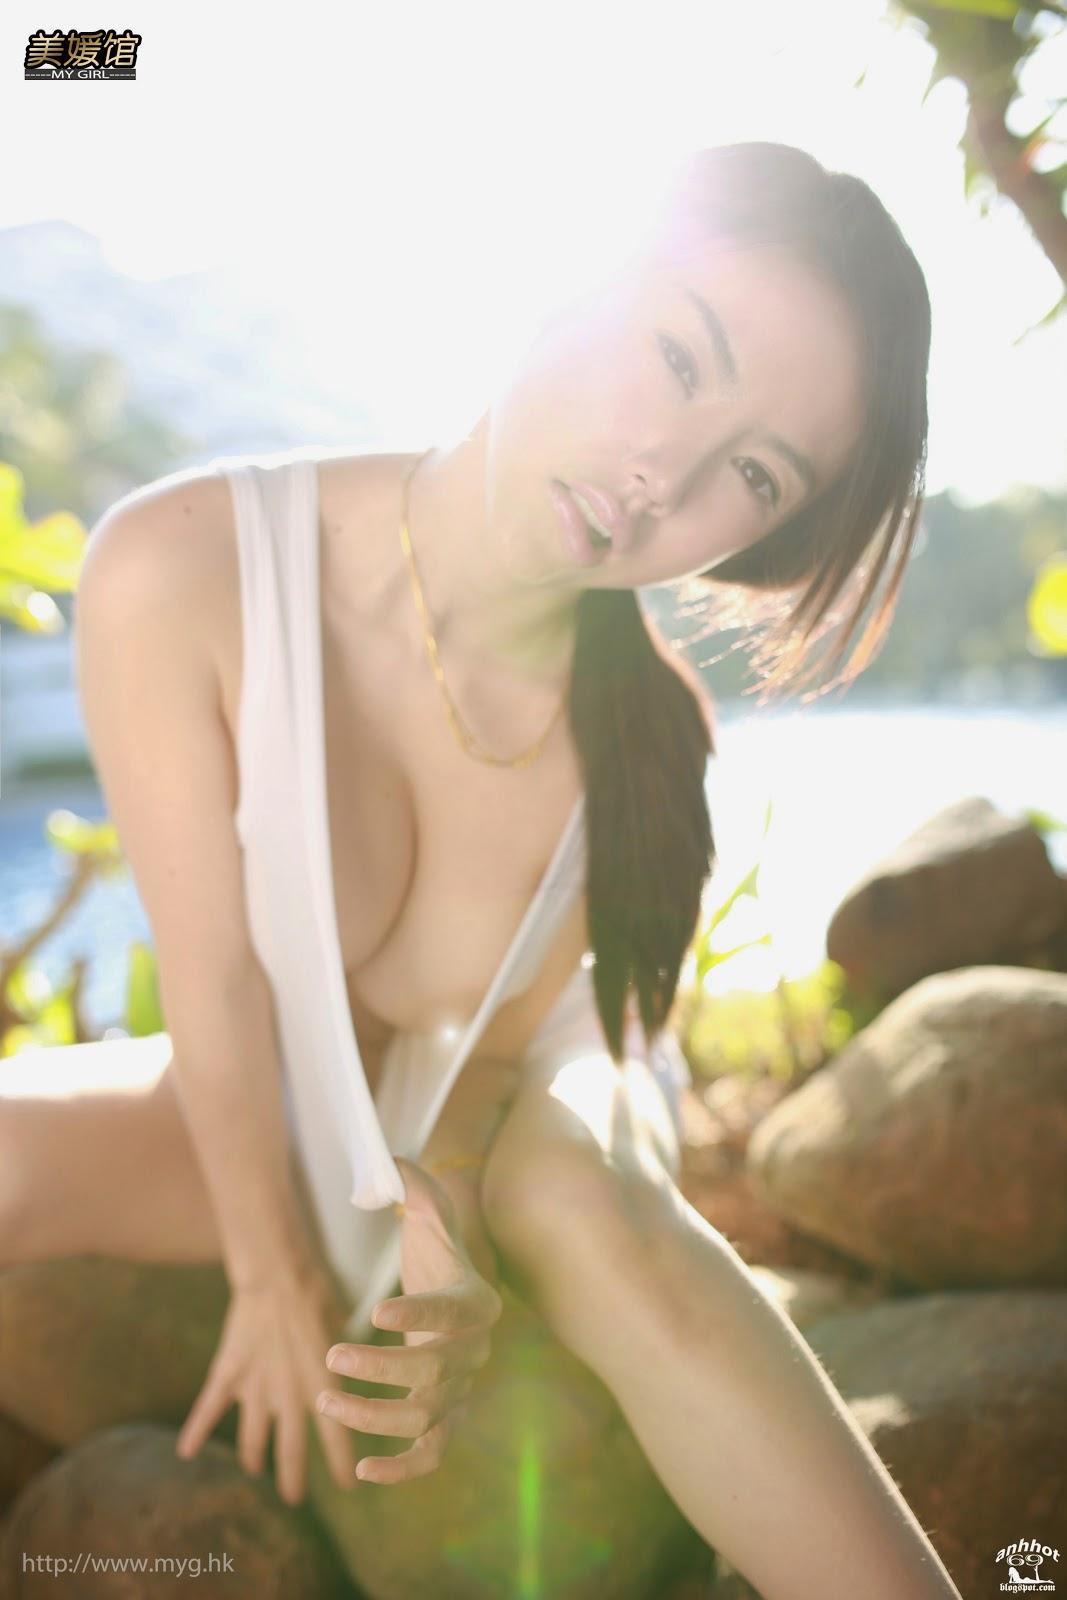 Mygirl-No.027_660A1606